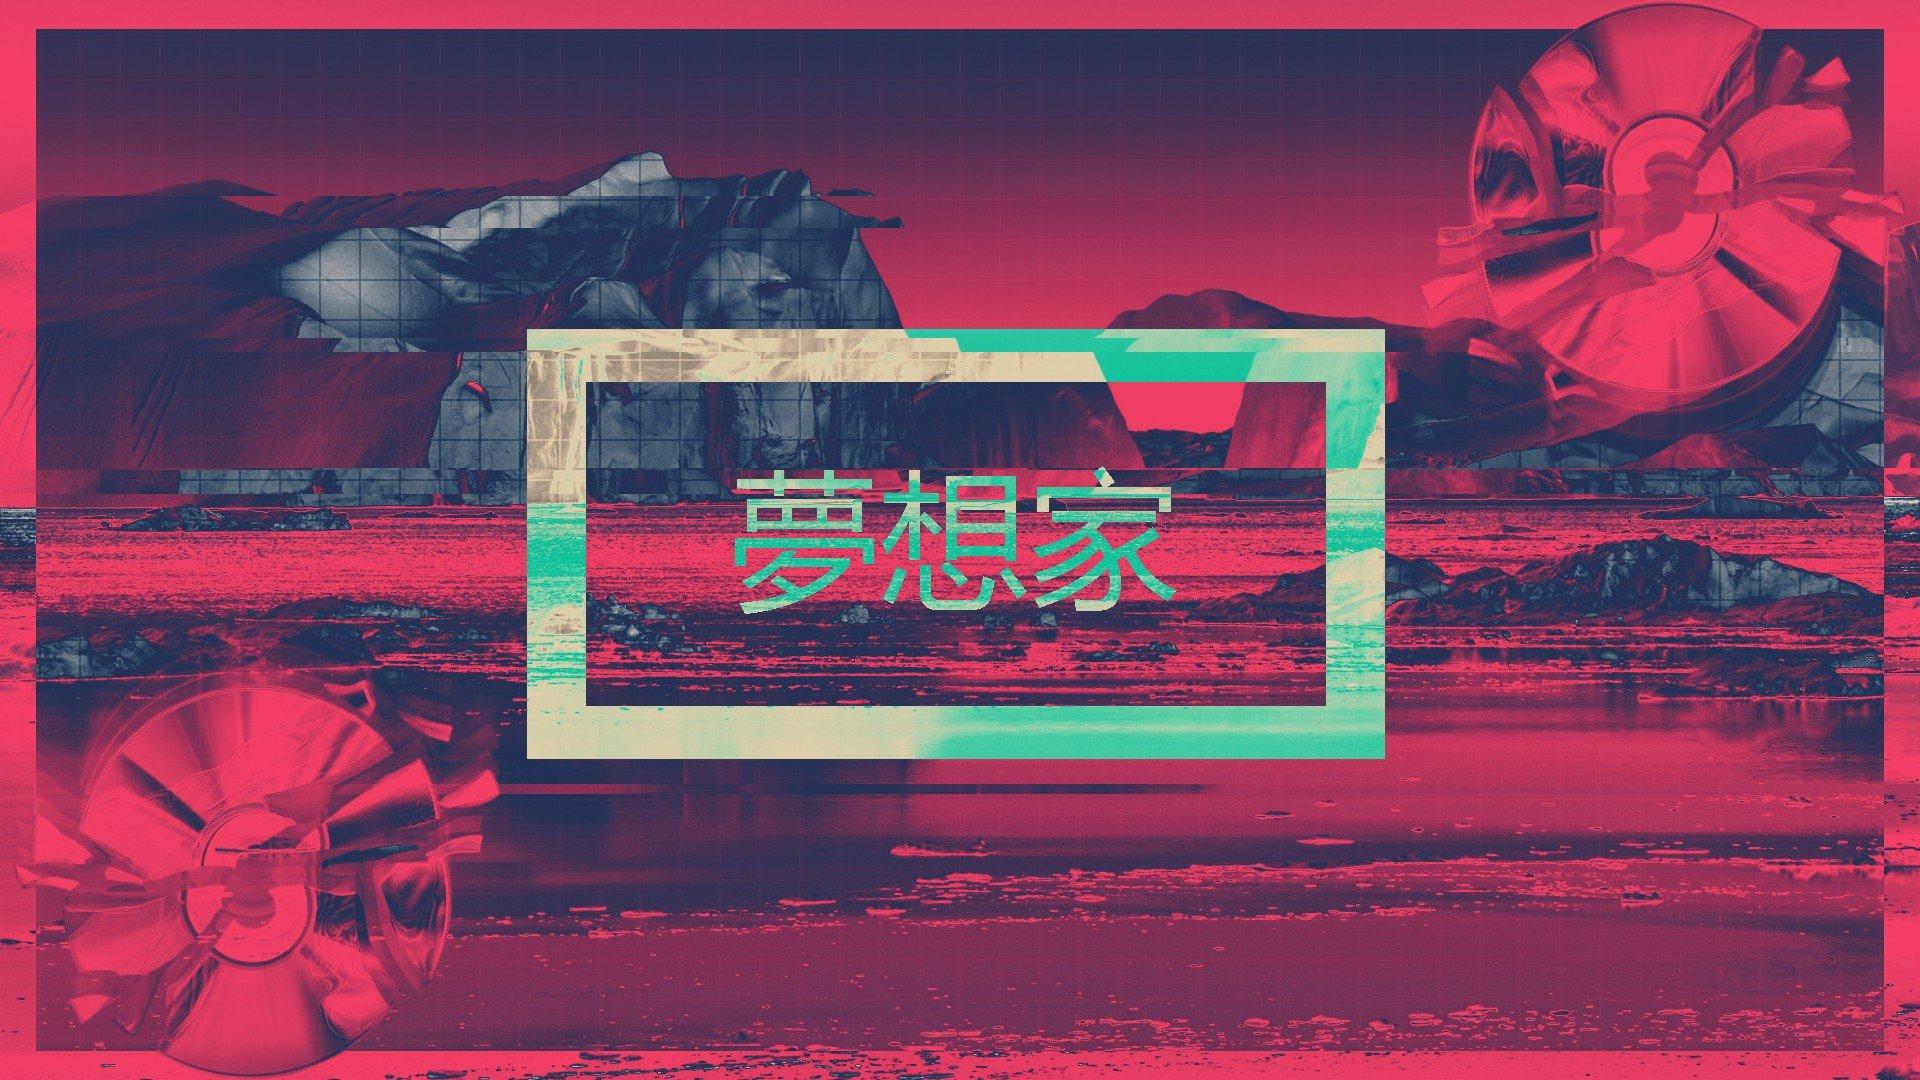 vaporwave pixel art 1980s texture neon text neon hd wallpapers